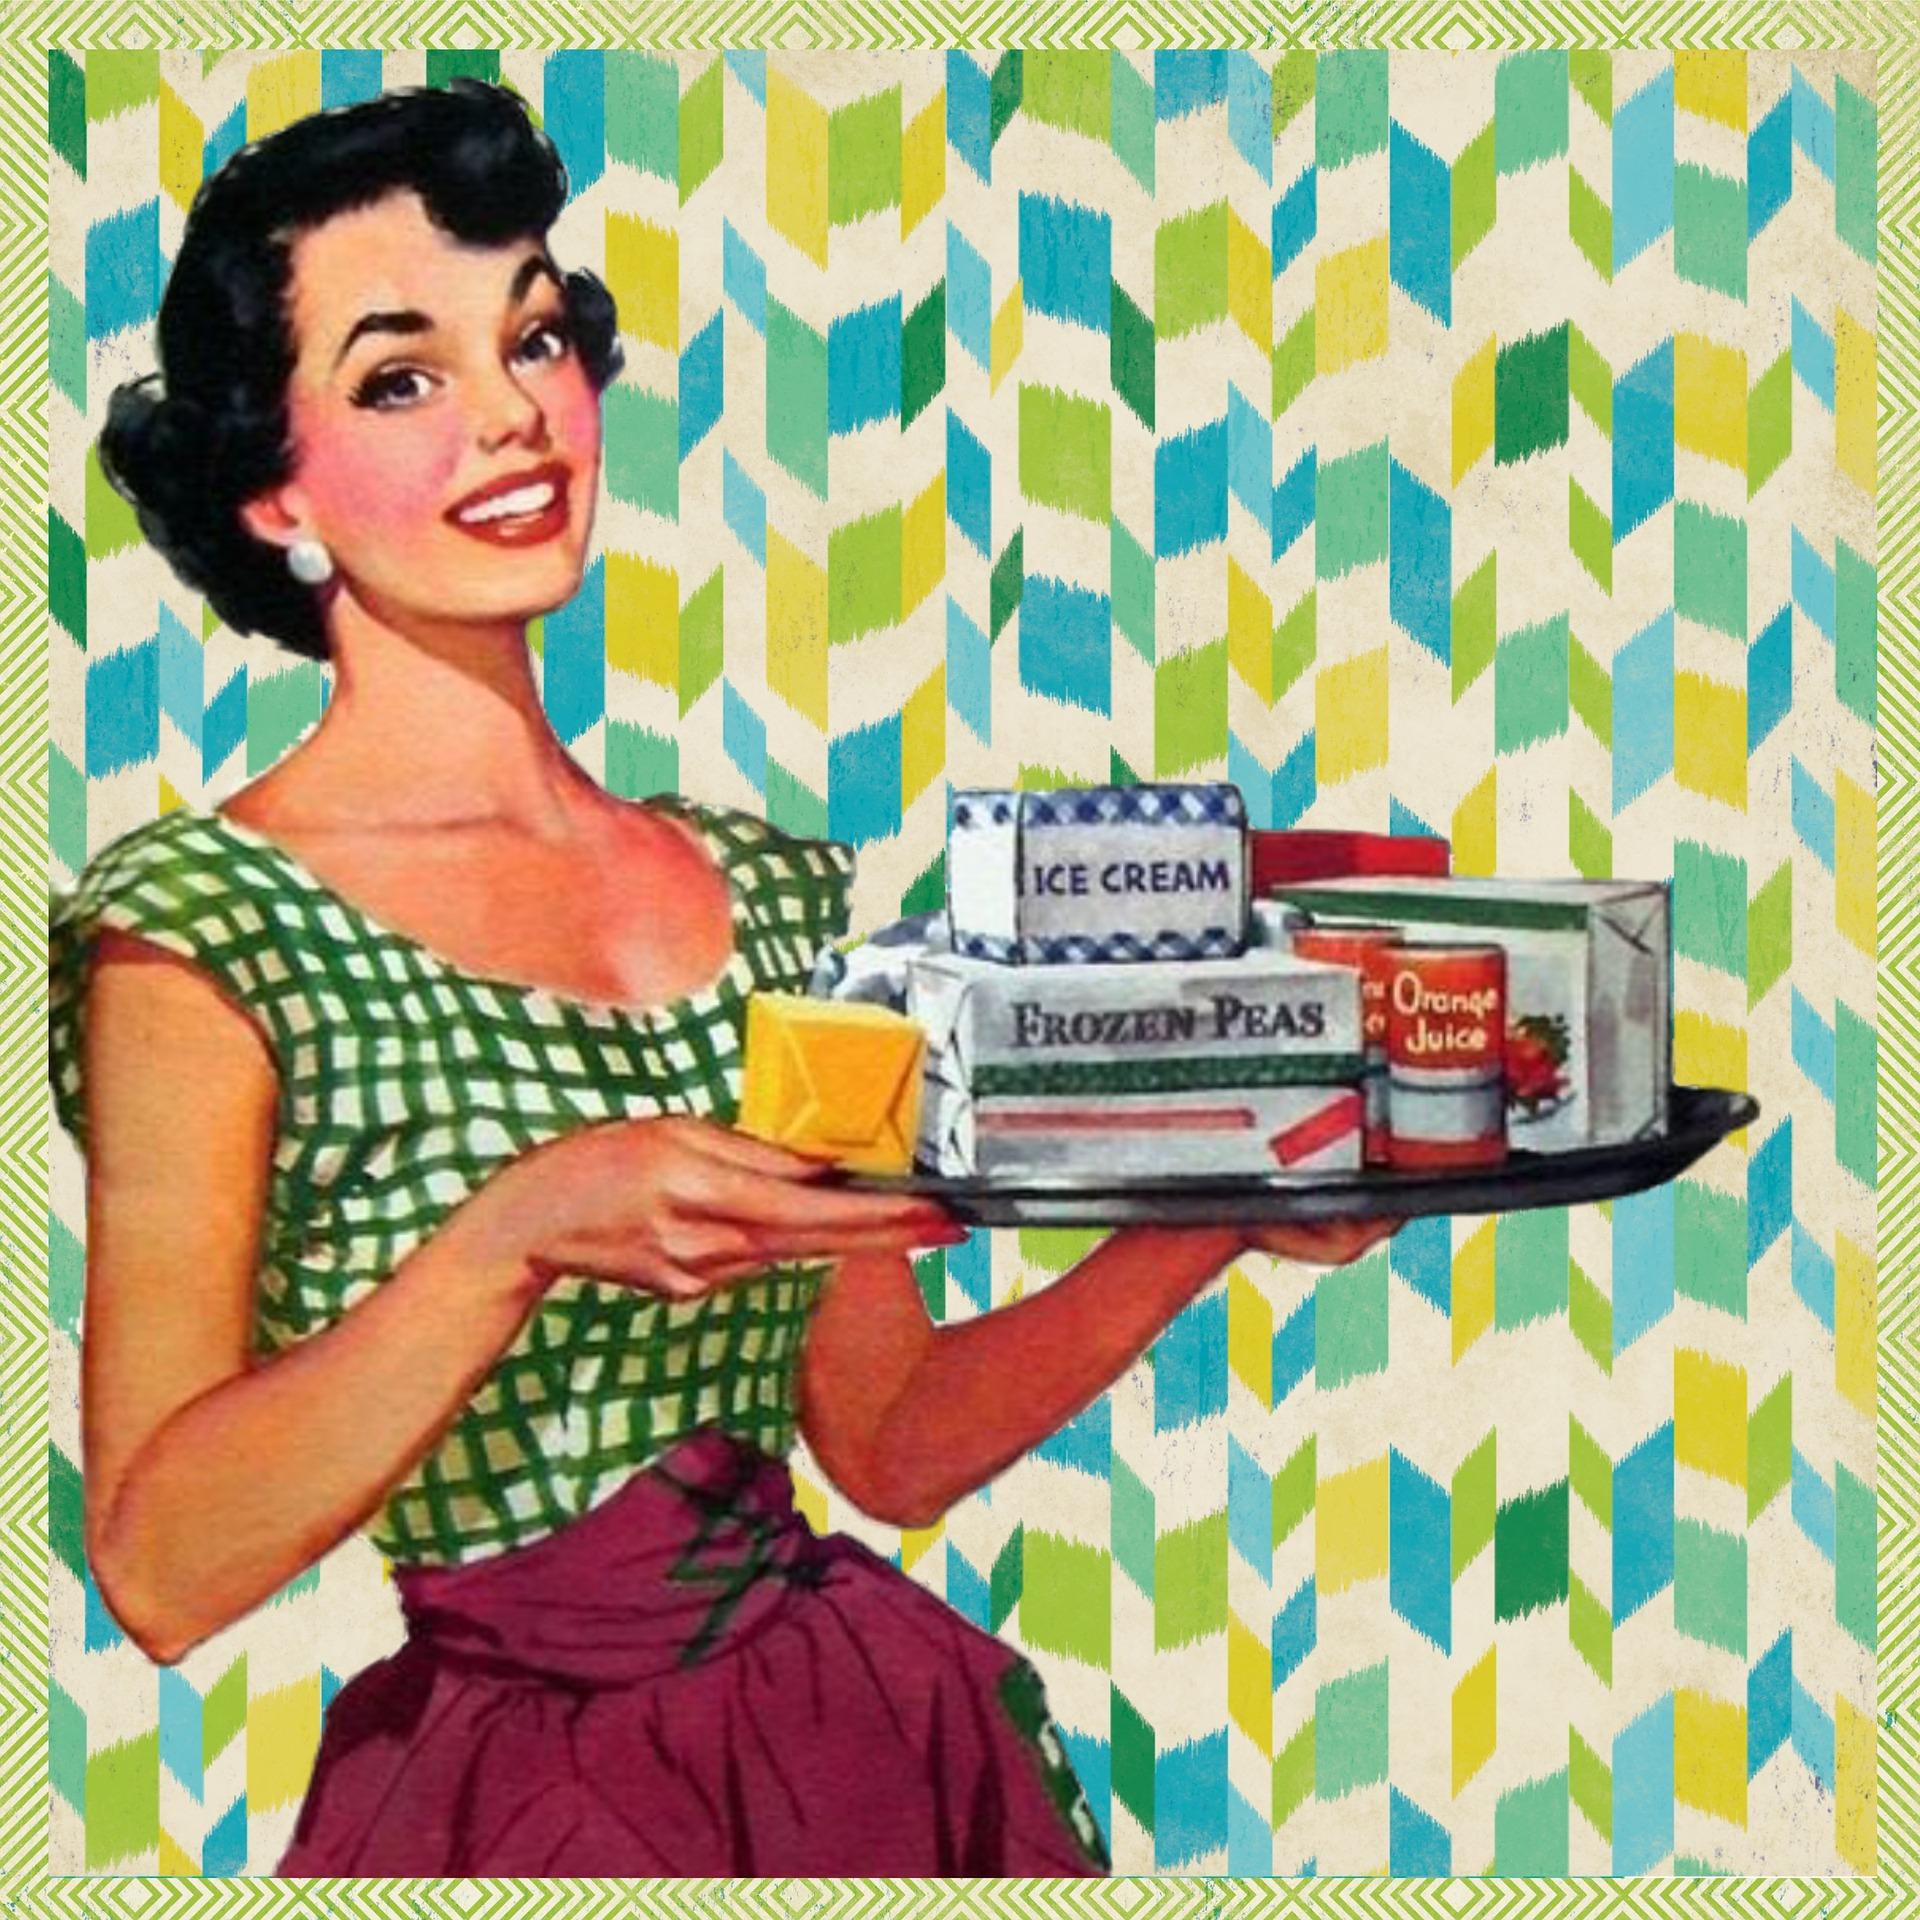 Donne nella pubblicità, ieri e oggi